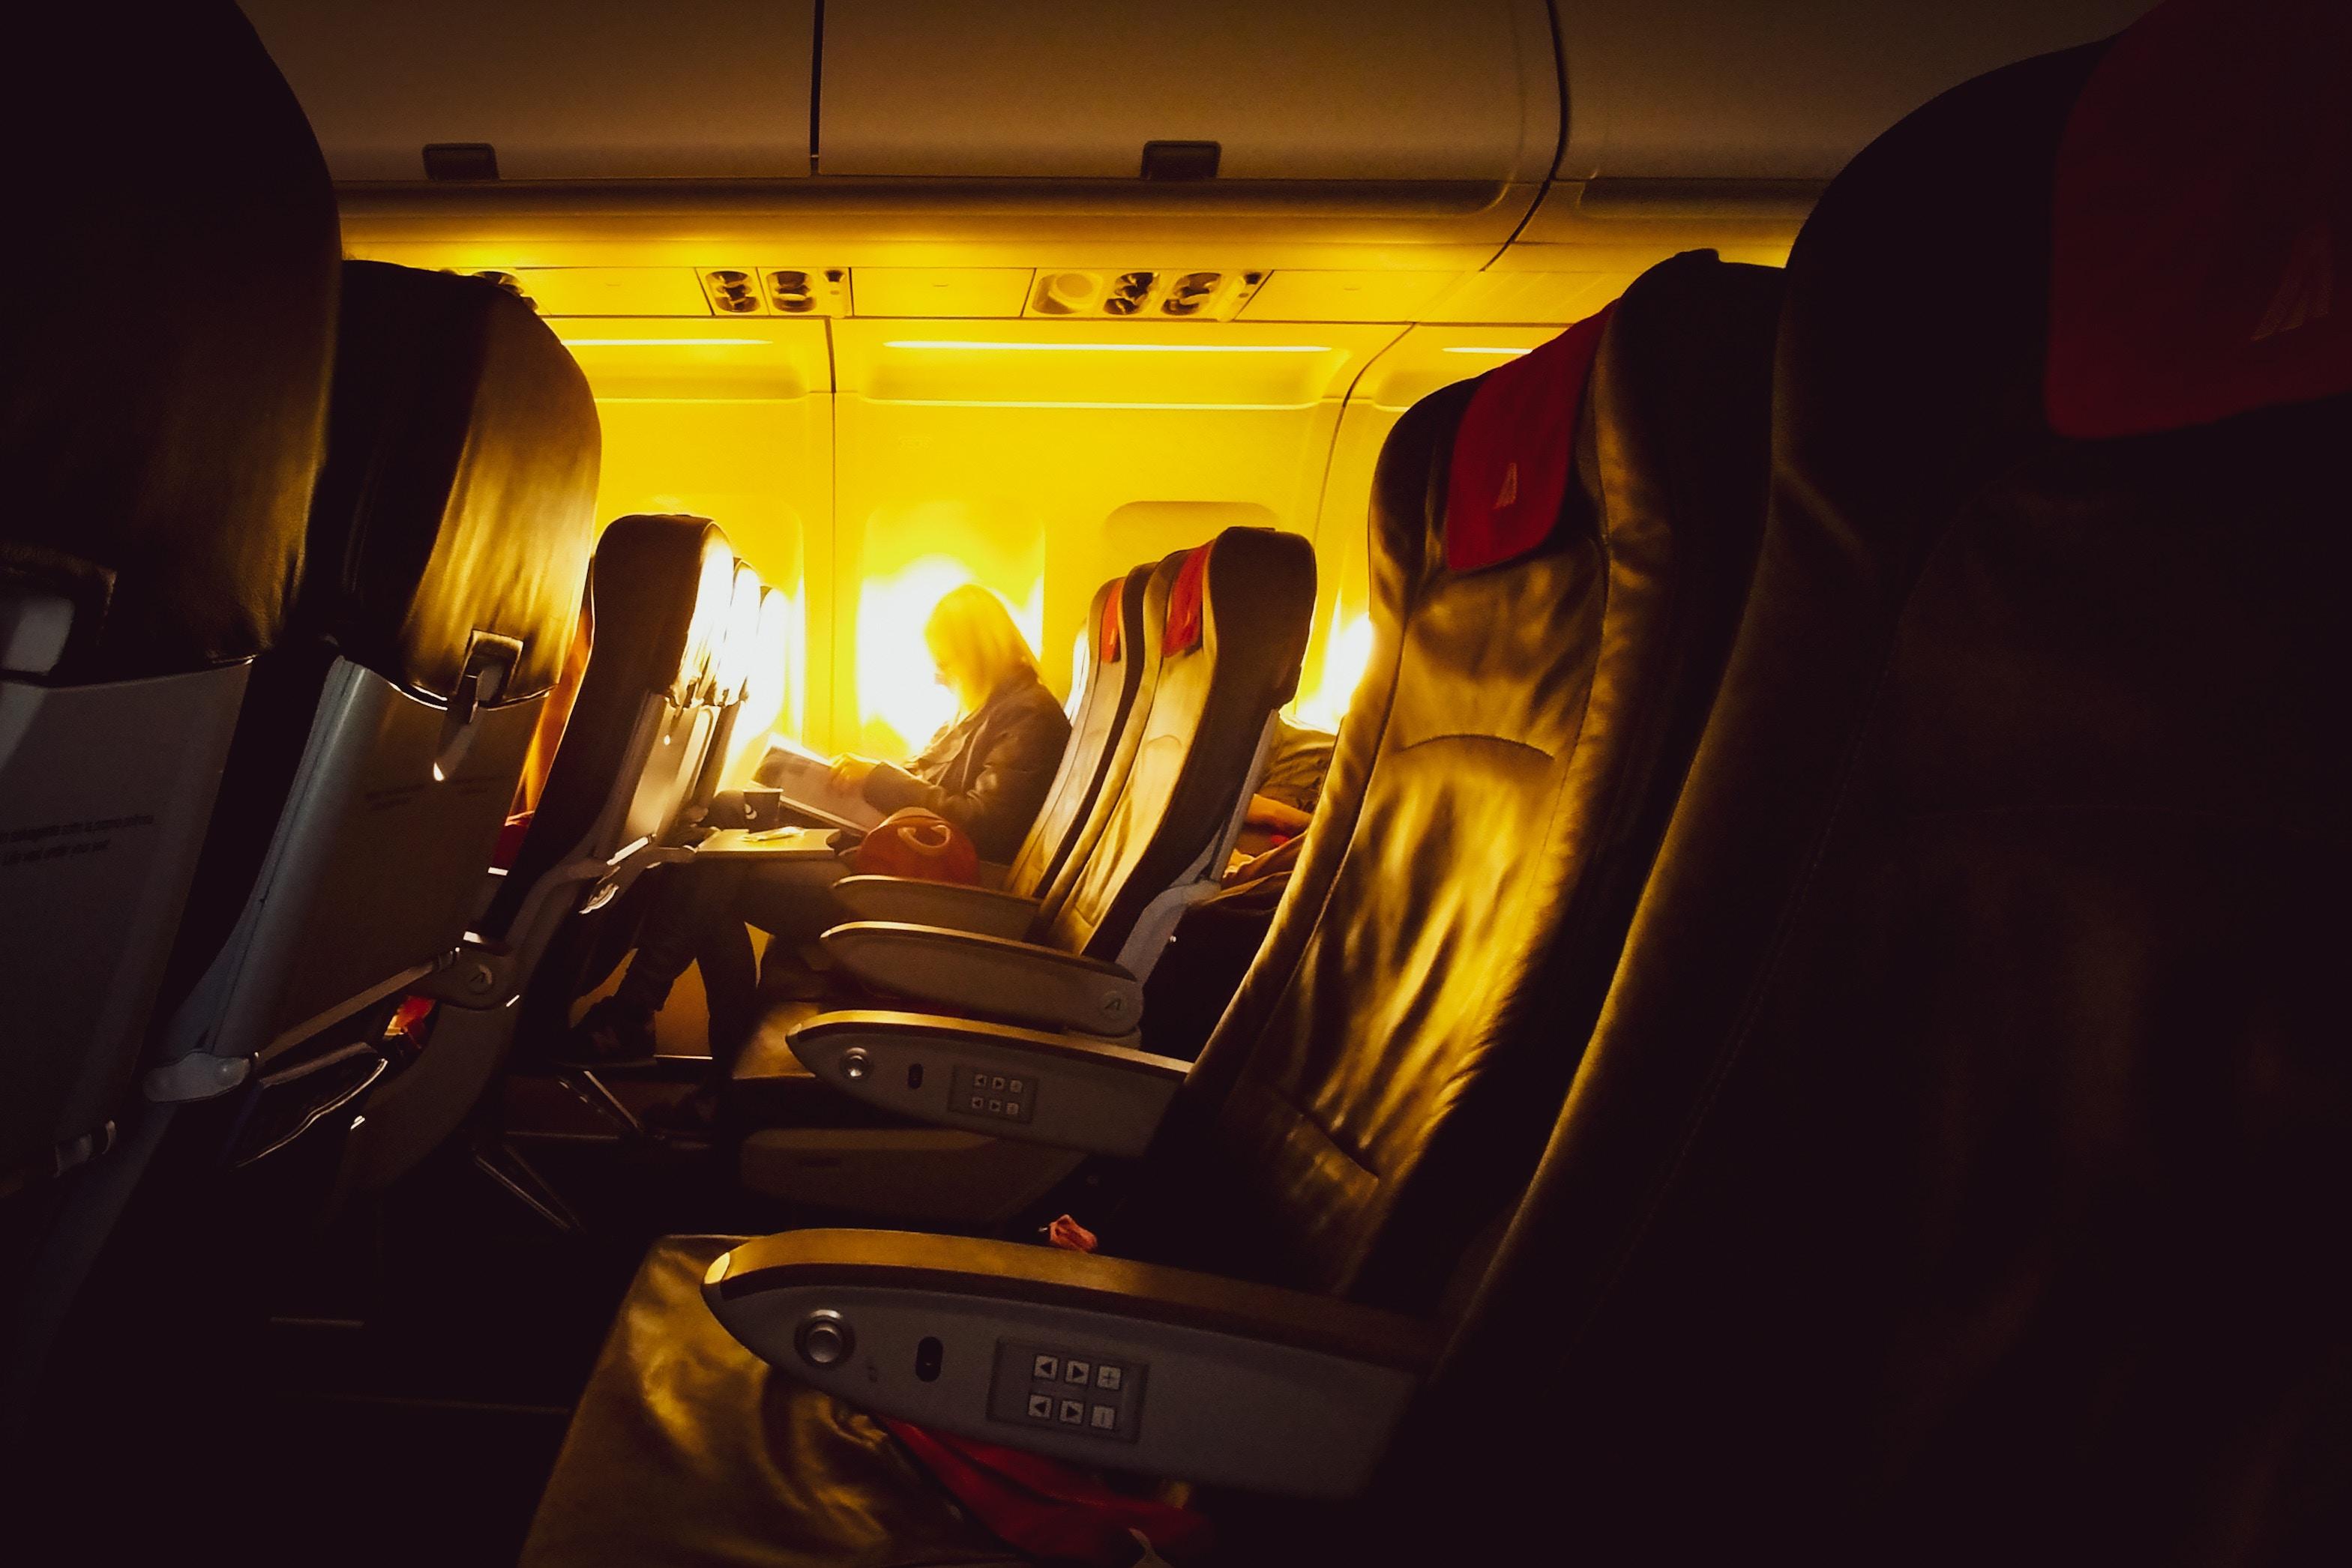 flight upgrades